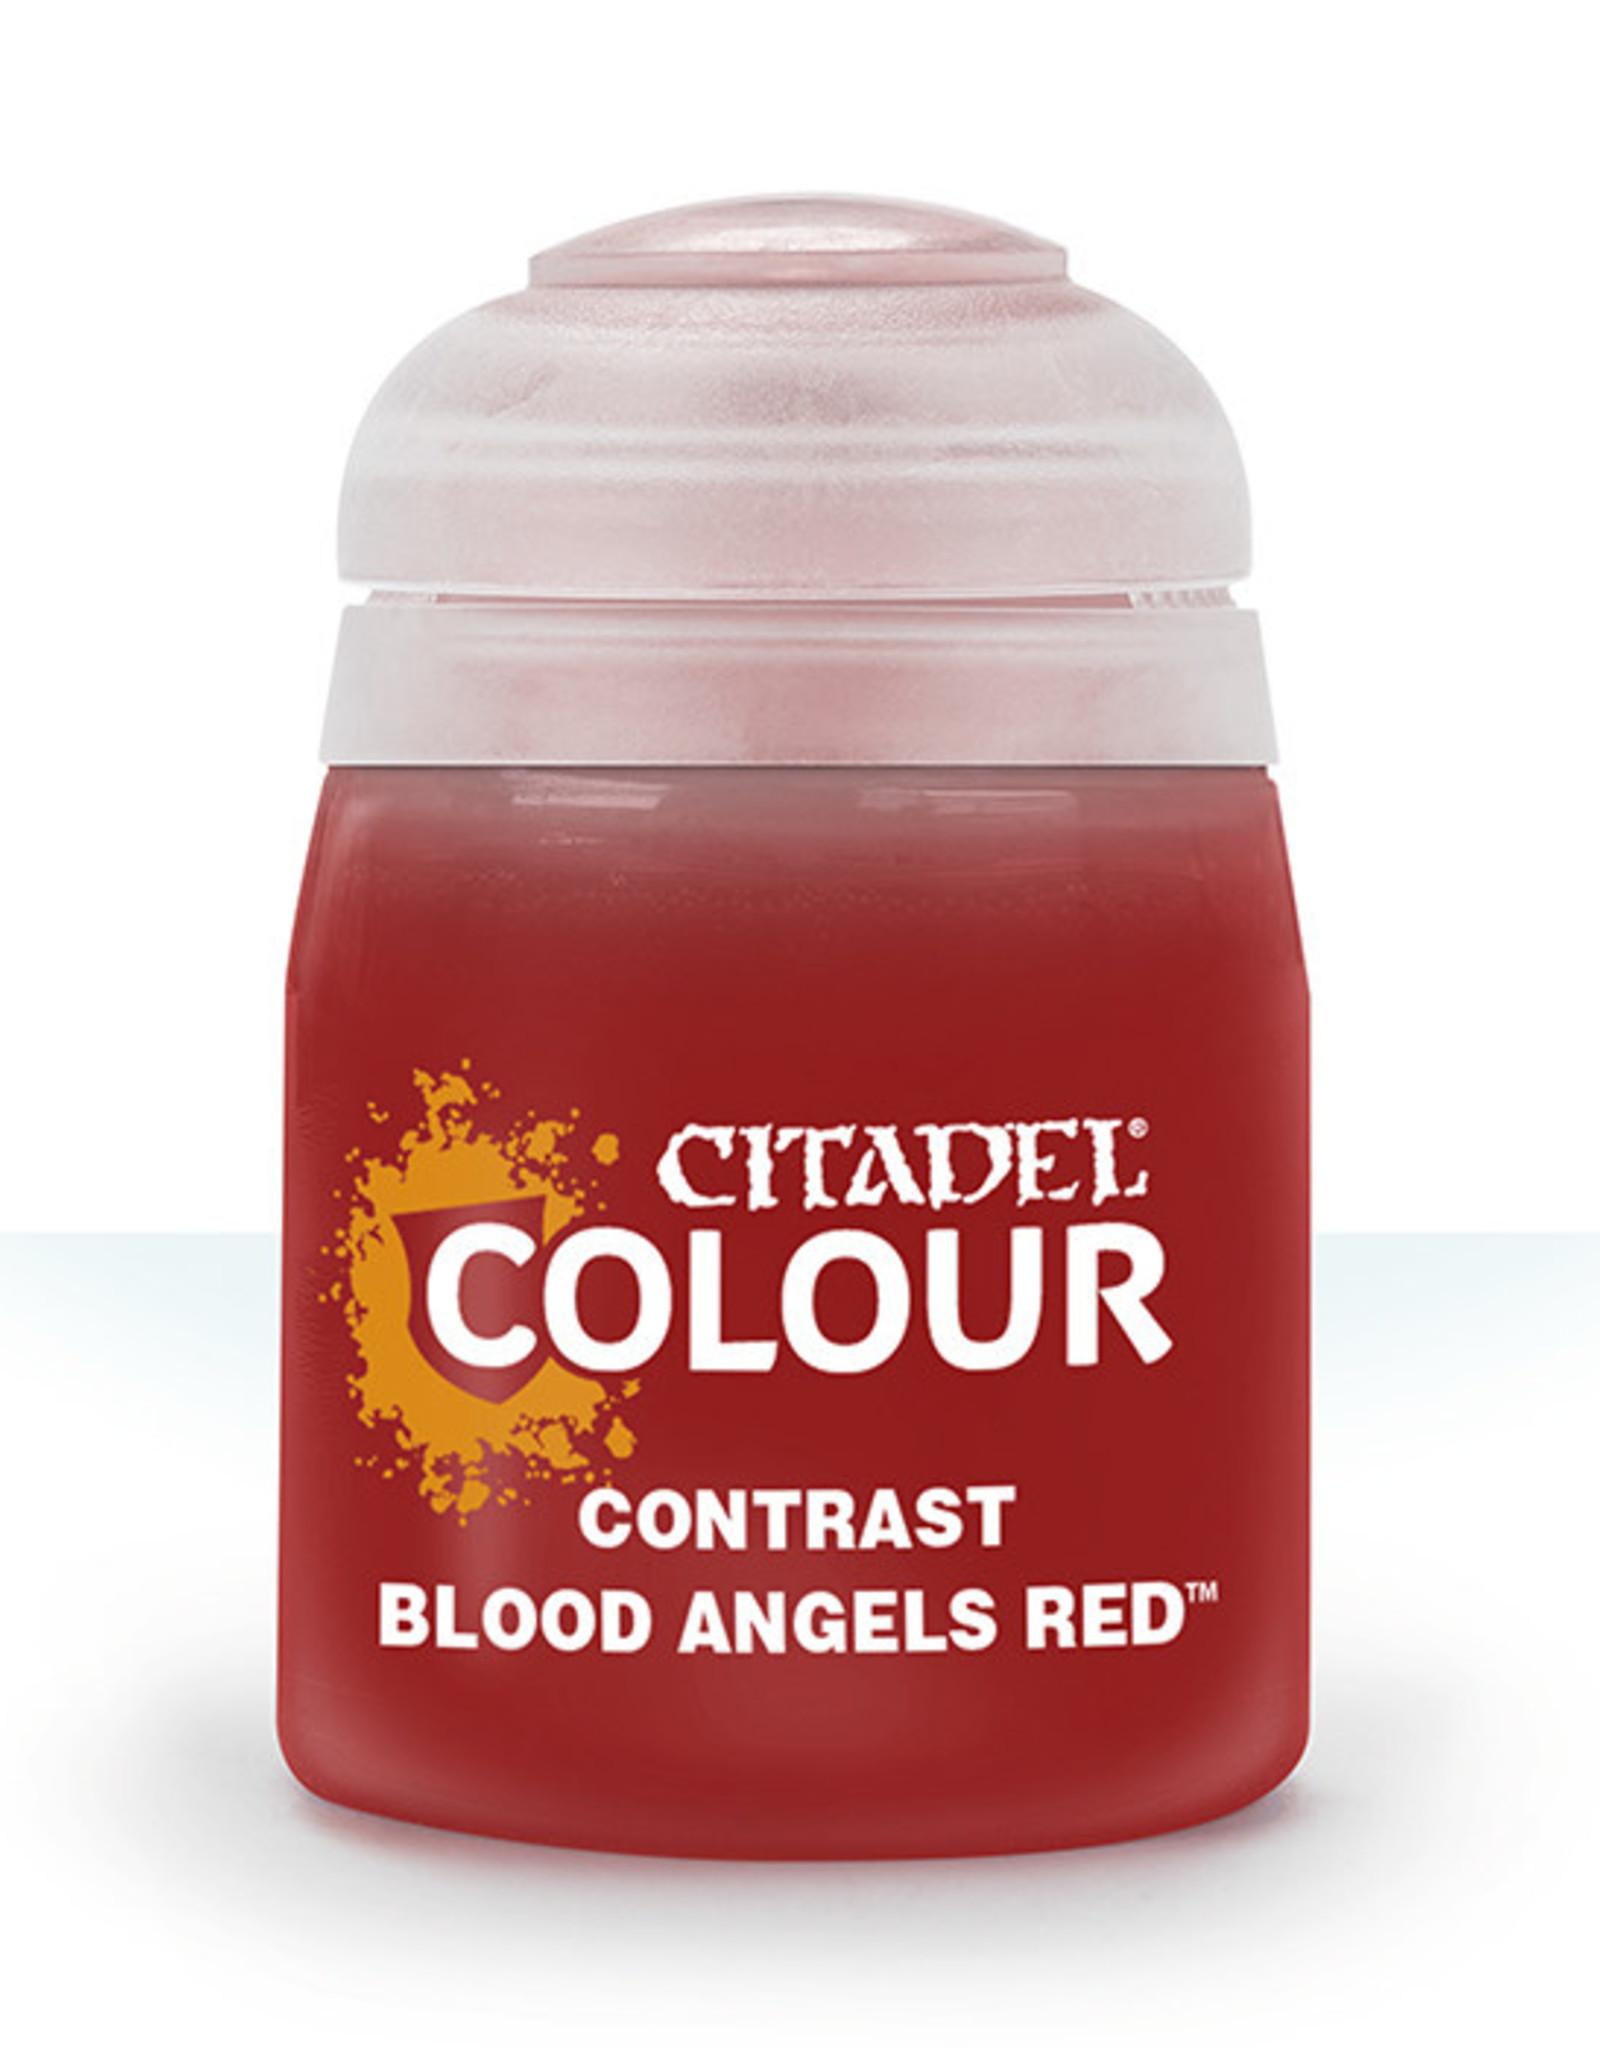 Citadel Citadel Colour: Contrast - Blood Angels Red